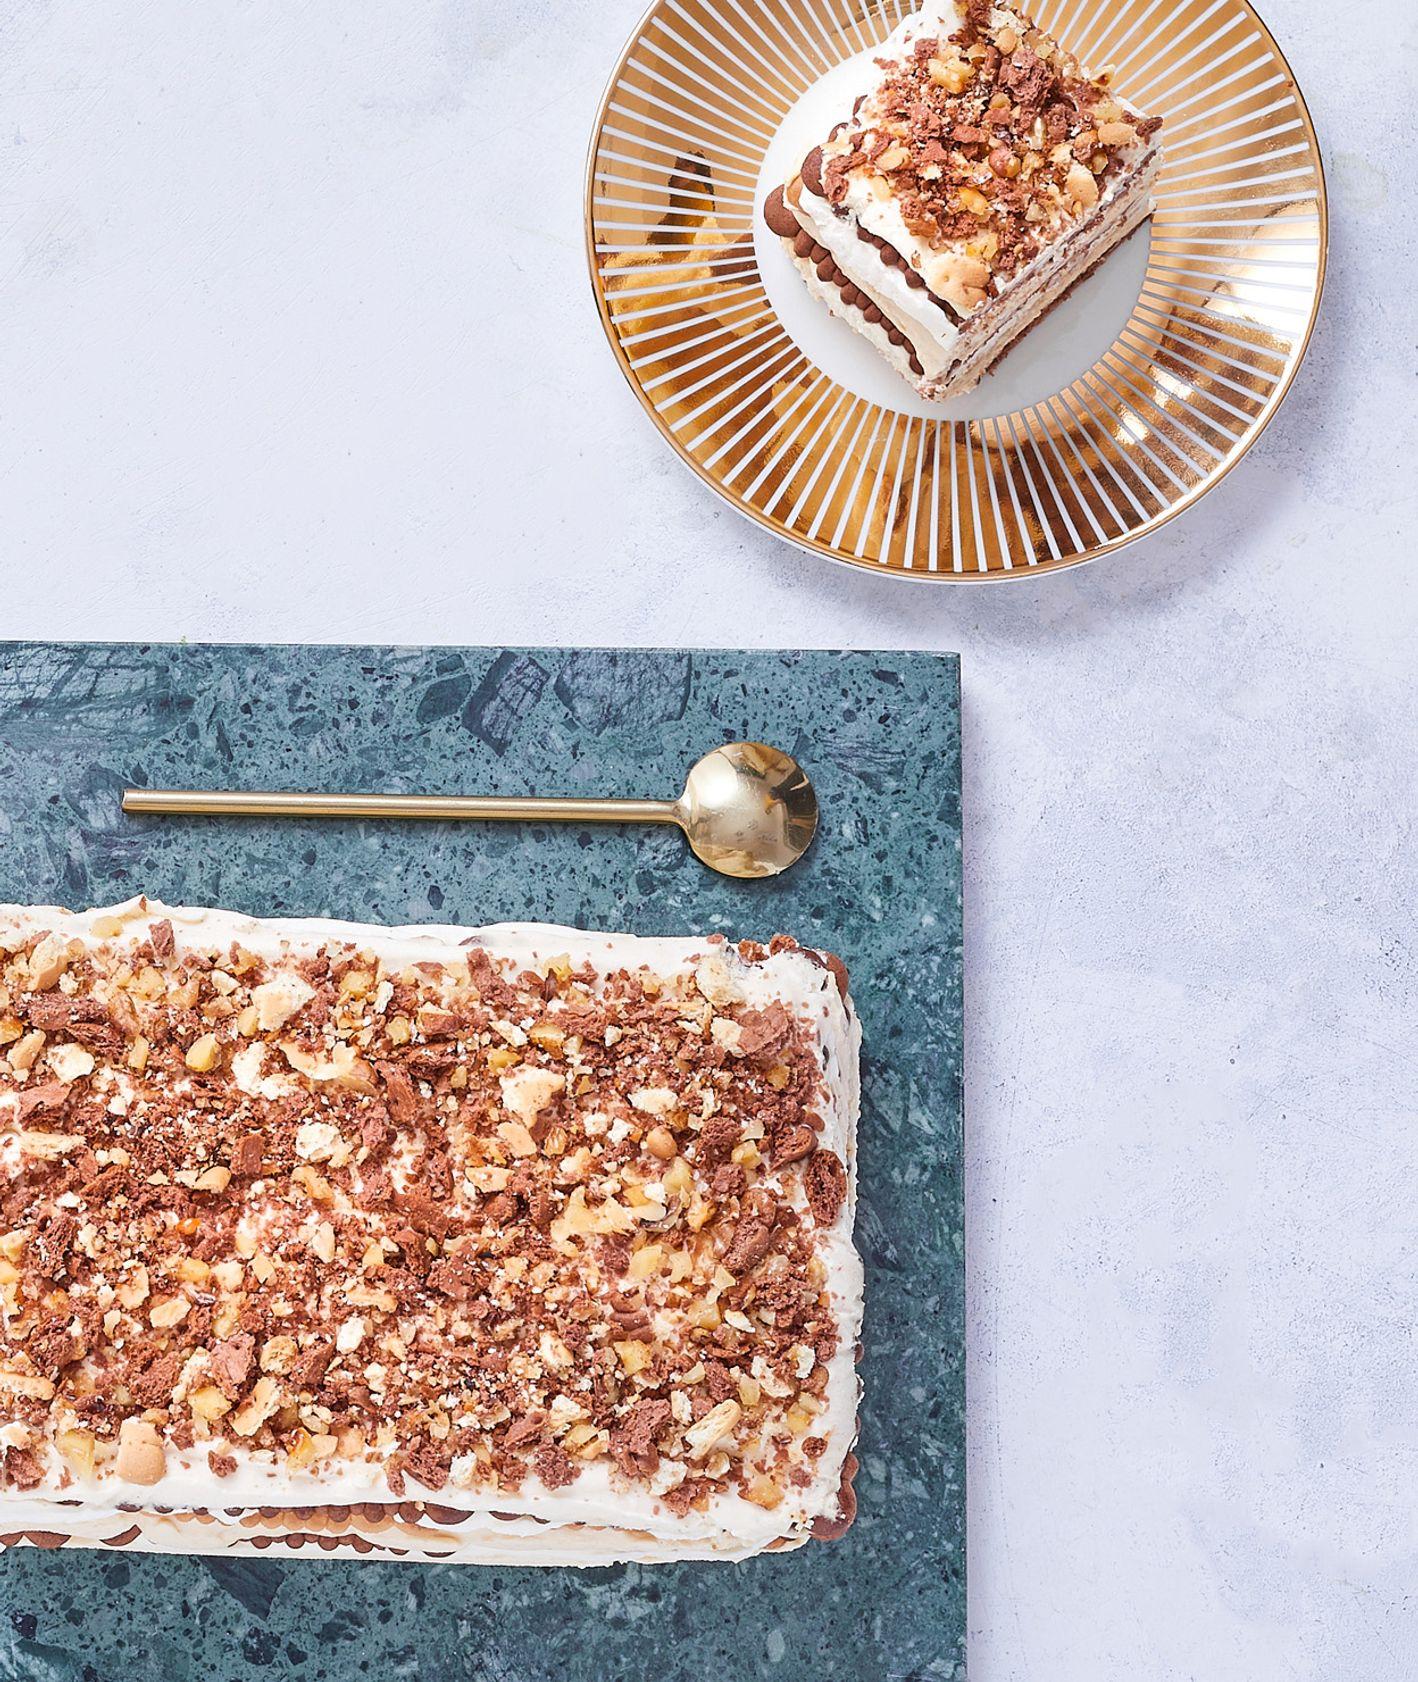 Szybkie ciasto króeka bez pieczenia na herbatnikach czekoladowych z kremem karmelowym (fot. Maciej Niemojewski)